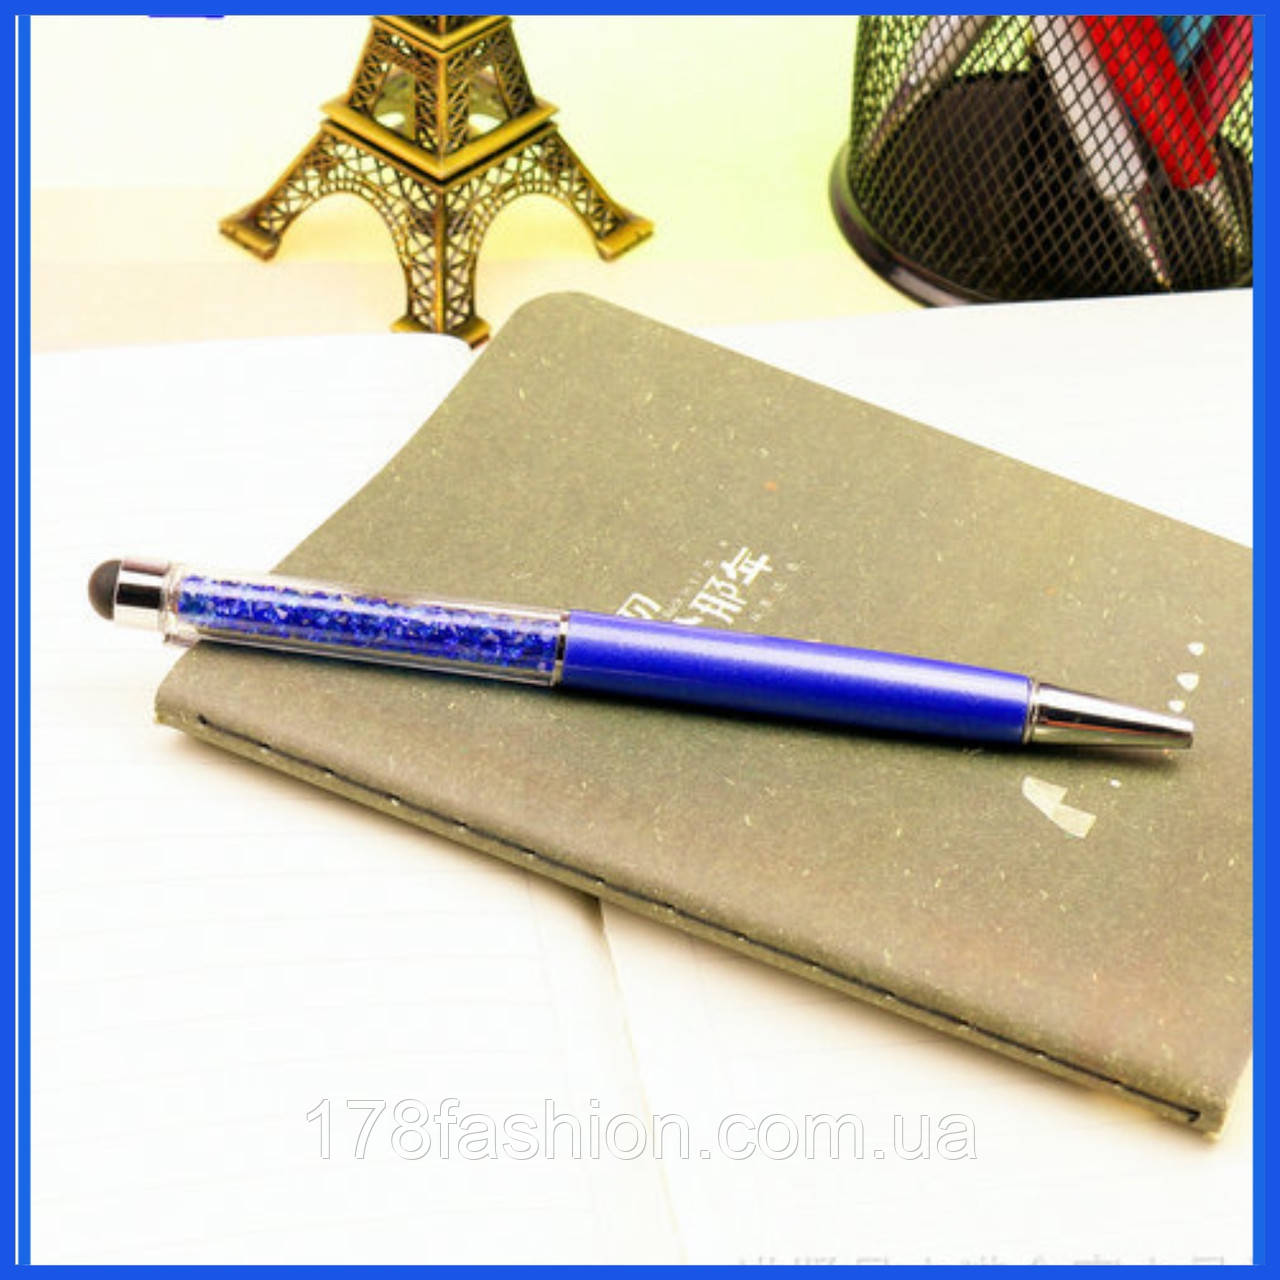 Роскошный подарок шариковая ручка-стилус синяя с синими кристаллами